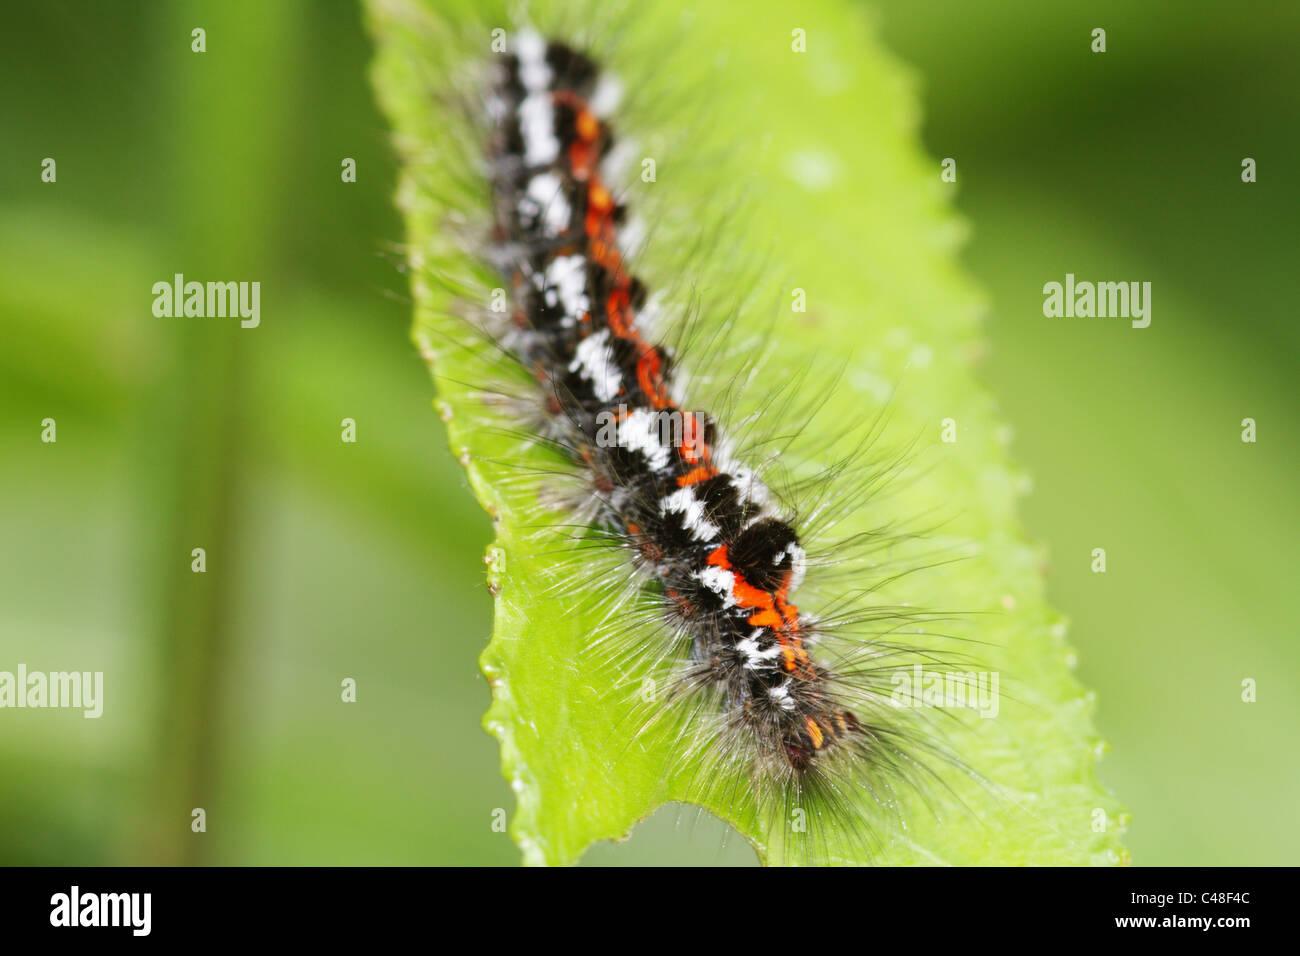 Gelb-Tail, Goldtail Motte oder Swan Moth (Euproctis Similis) Caterpillar Stockbild